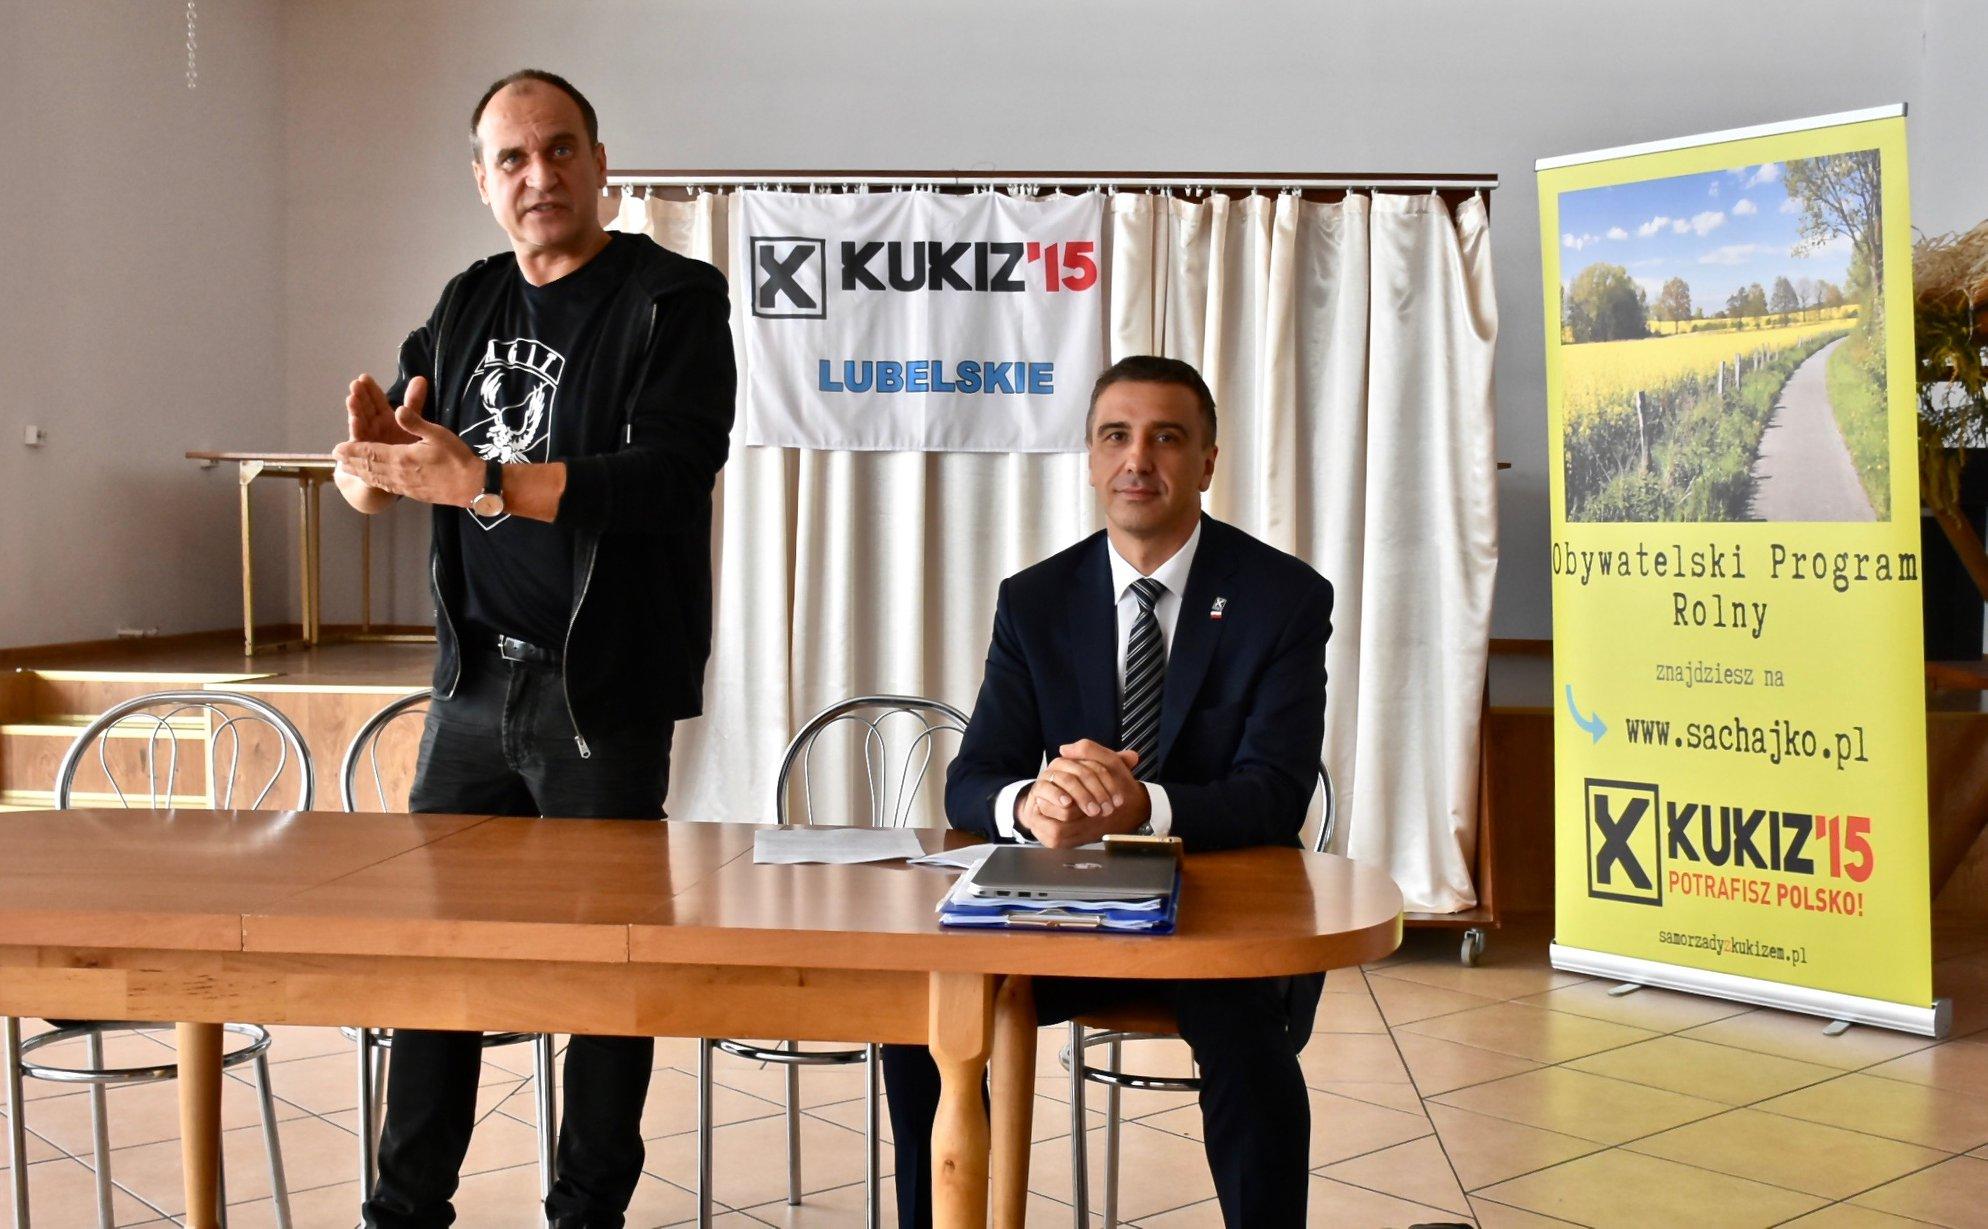 41257901 2210851965851595 253927868222930944 o ZAMOŚĆ/REGION: Otwarte spotkania z posłami Pawłem Kukizem i Jarosławem Sachajko